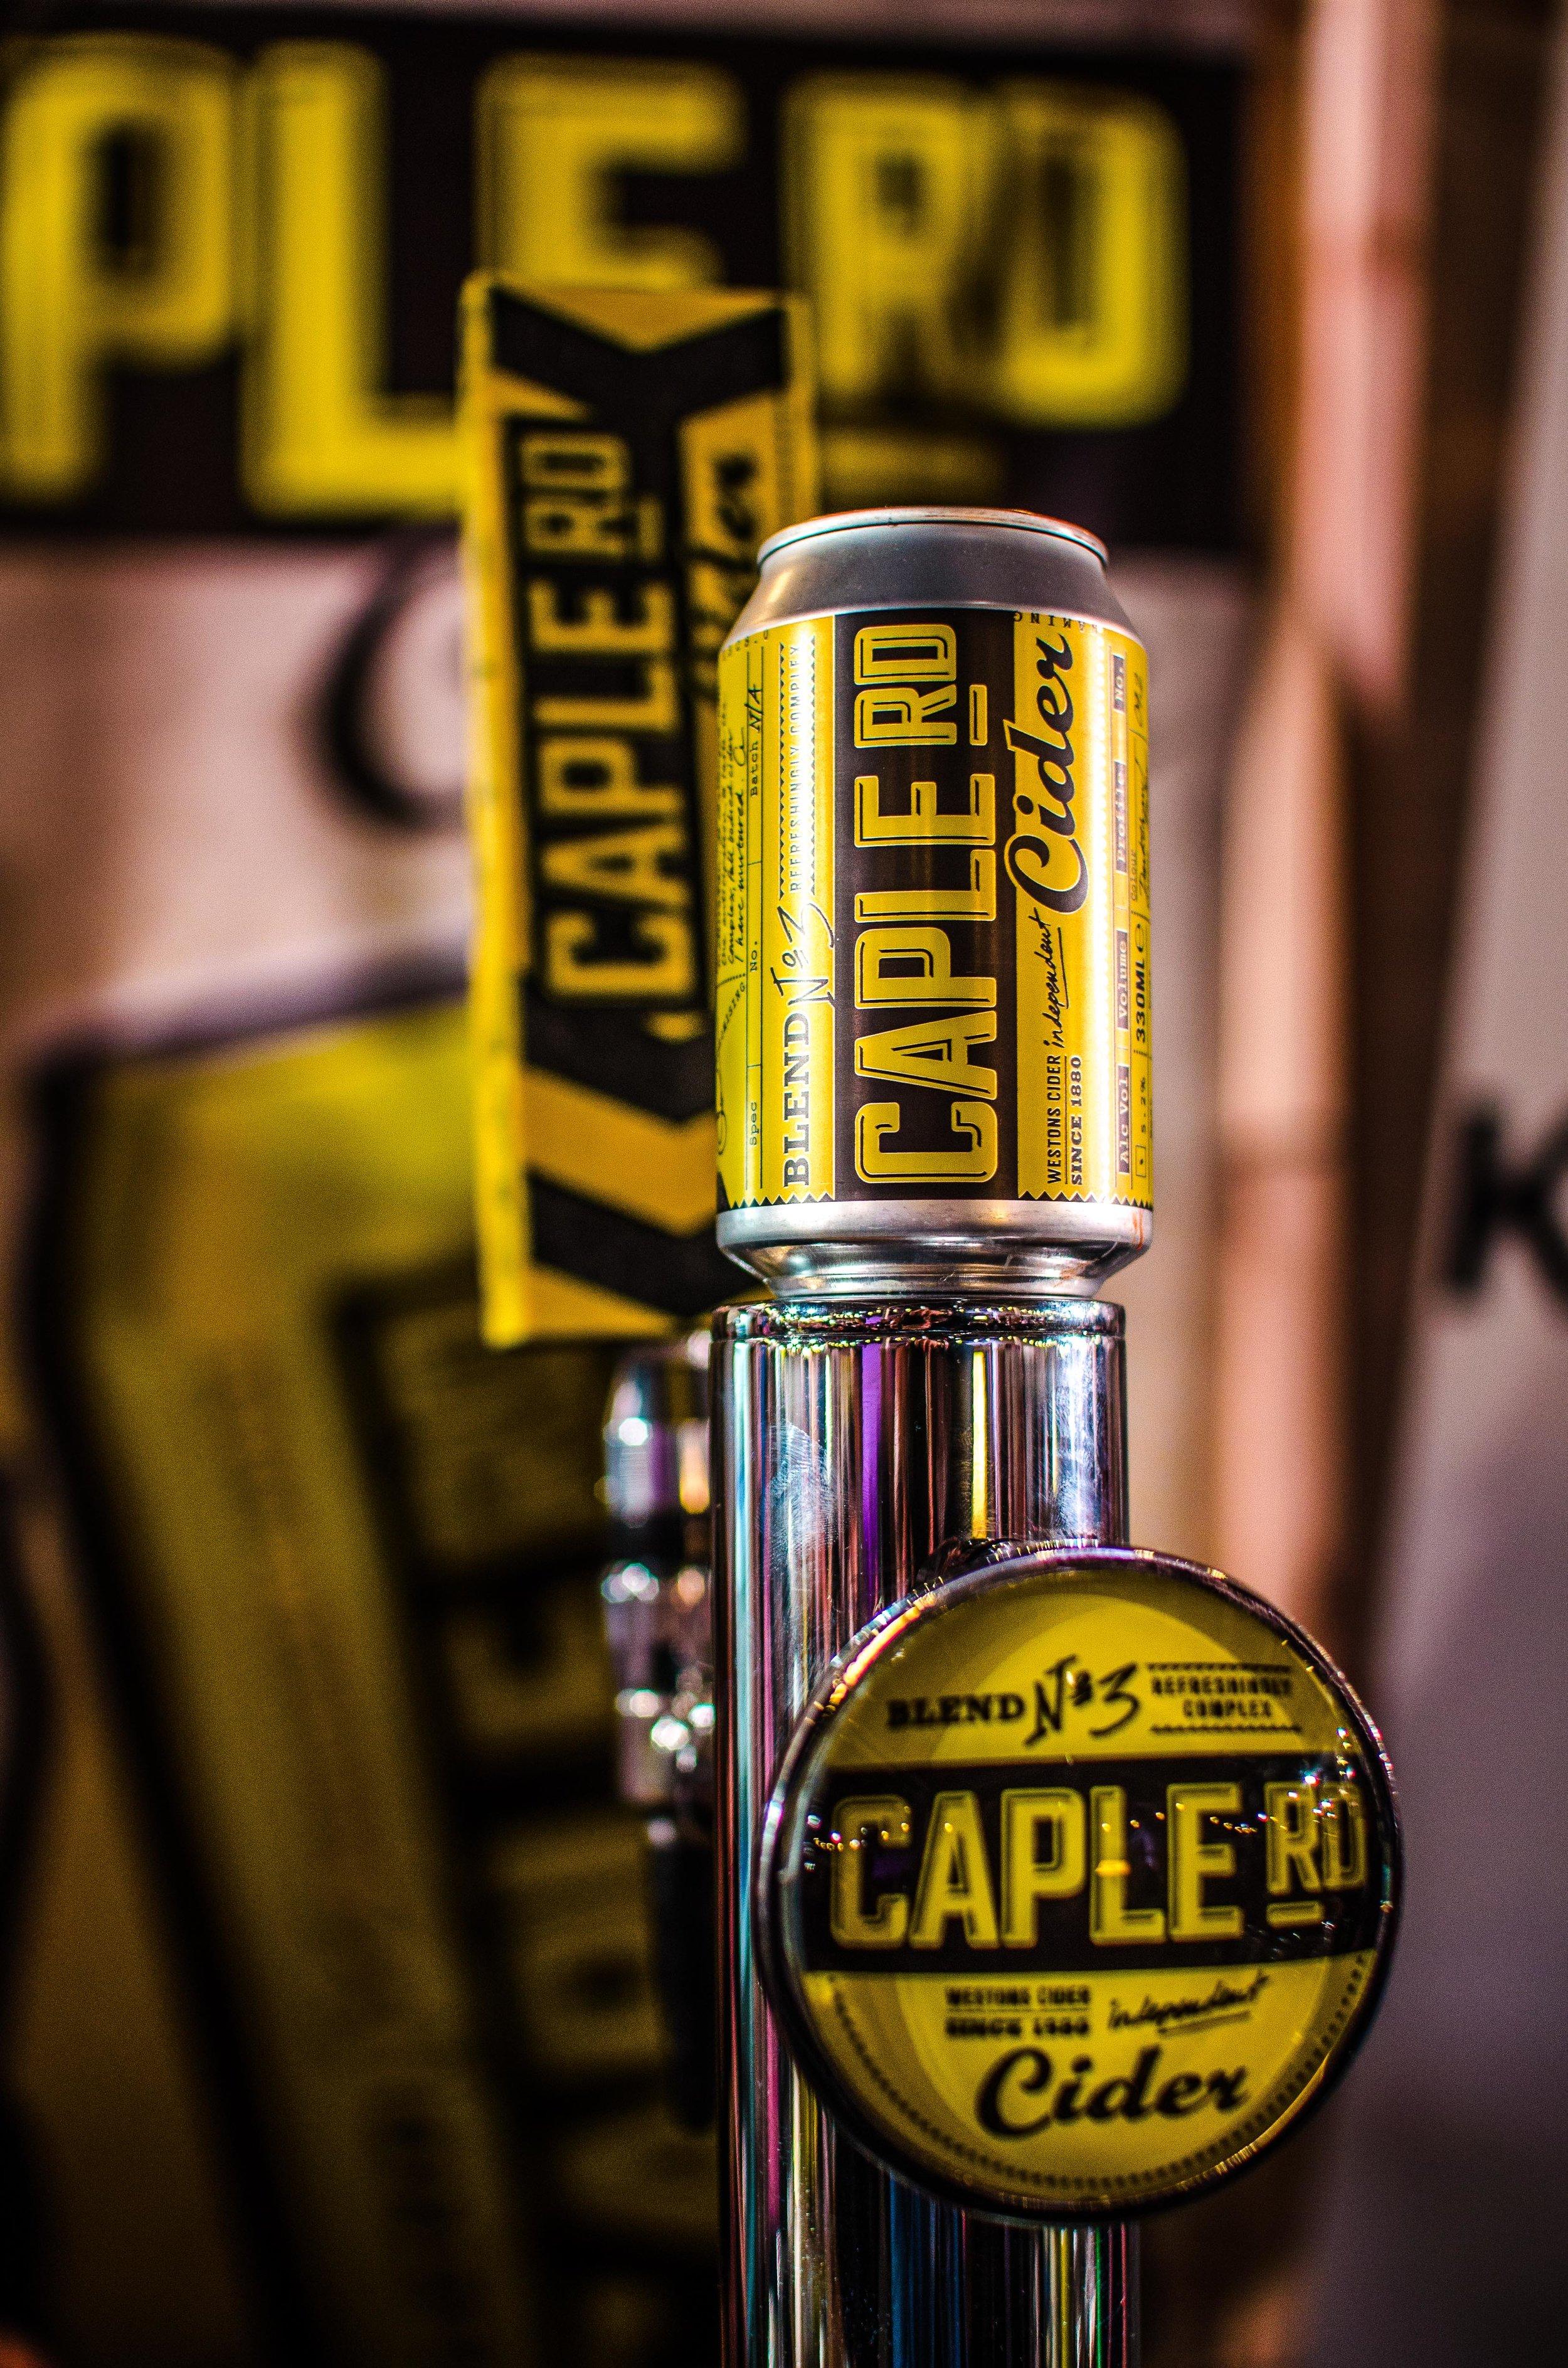 Caple Road Cider - United Kingdon -